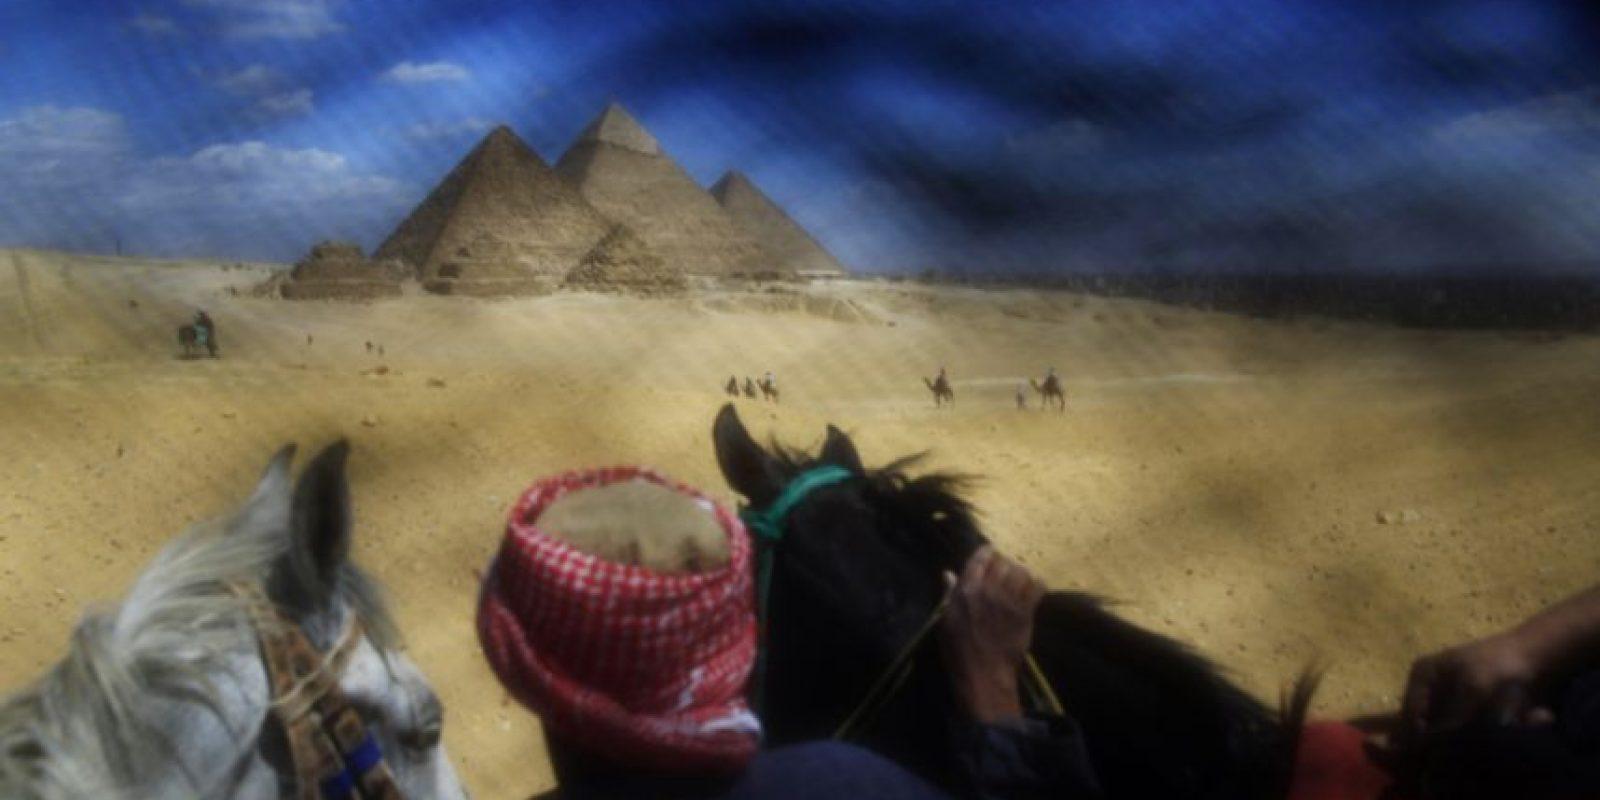 Un guía cerca de El Cairo (Egipto), en las pirámides de Giza. Una típica imagen vista de una manera diferente a la habitual, a través de un 'niqab'. Una trama que separa los ojos de estas mujeres del mundo que las rodea. Foto:AP Photo/Hassan Ammar